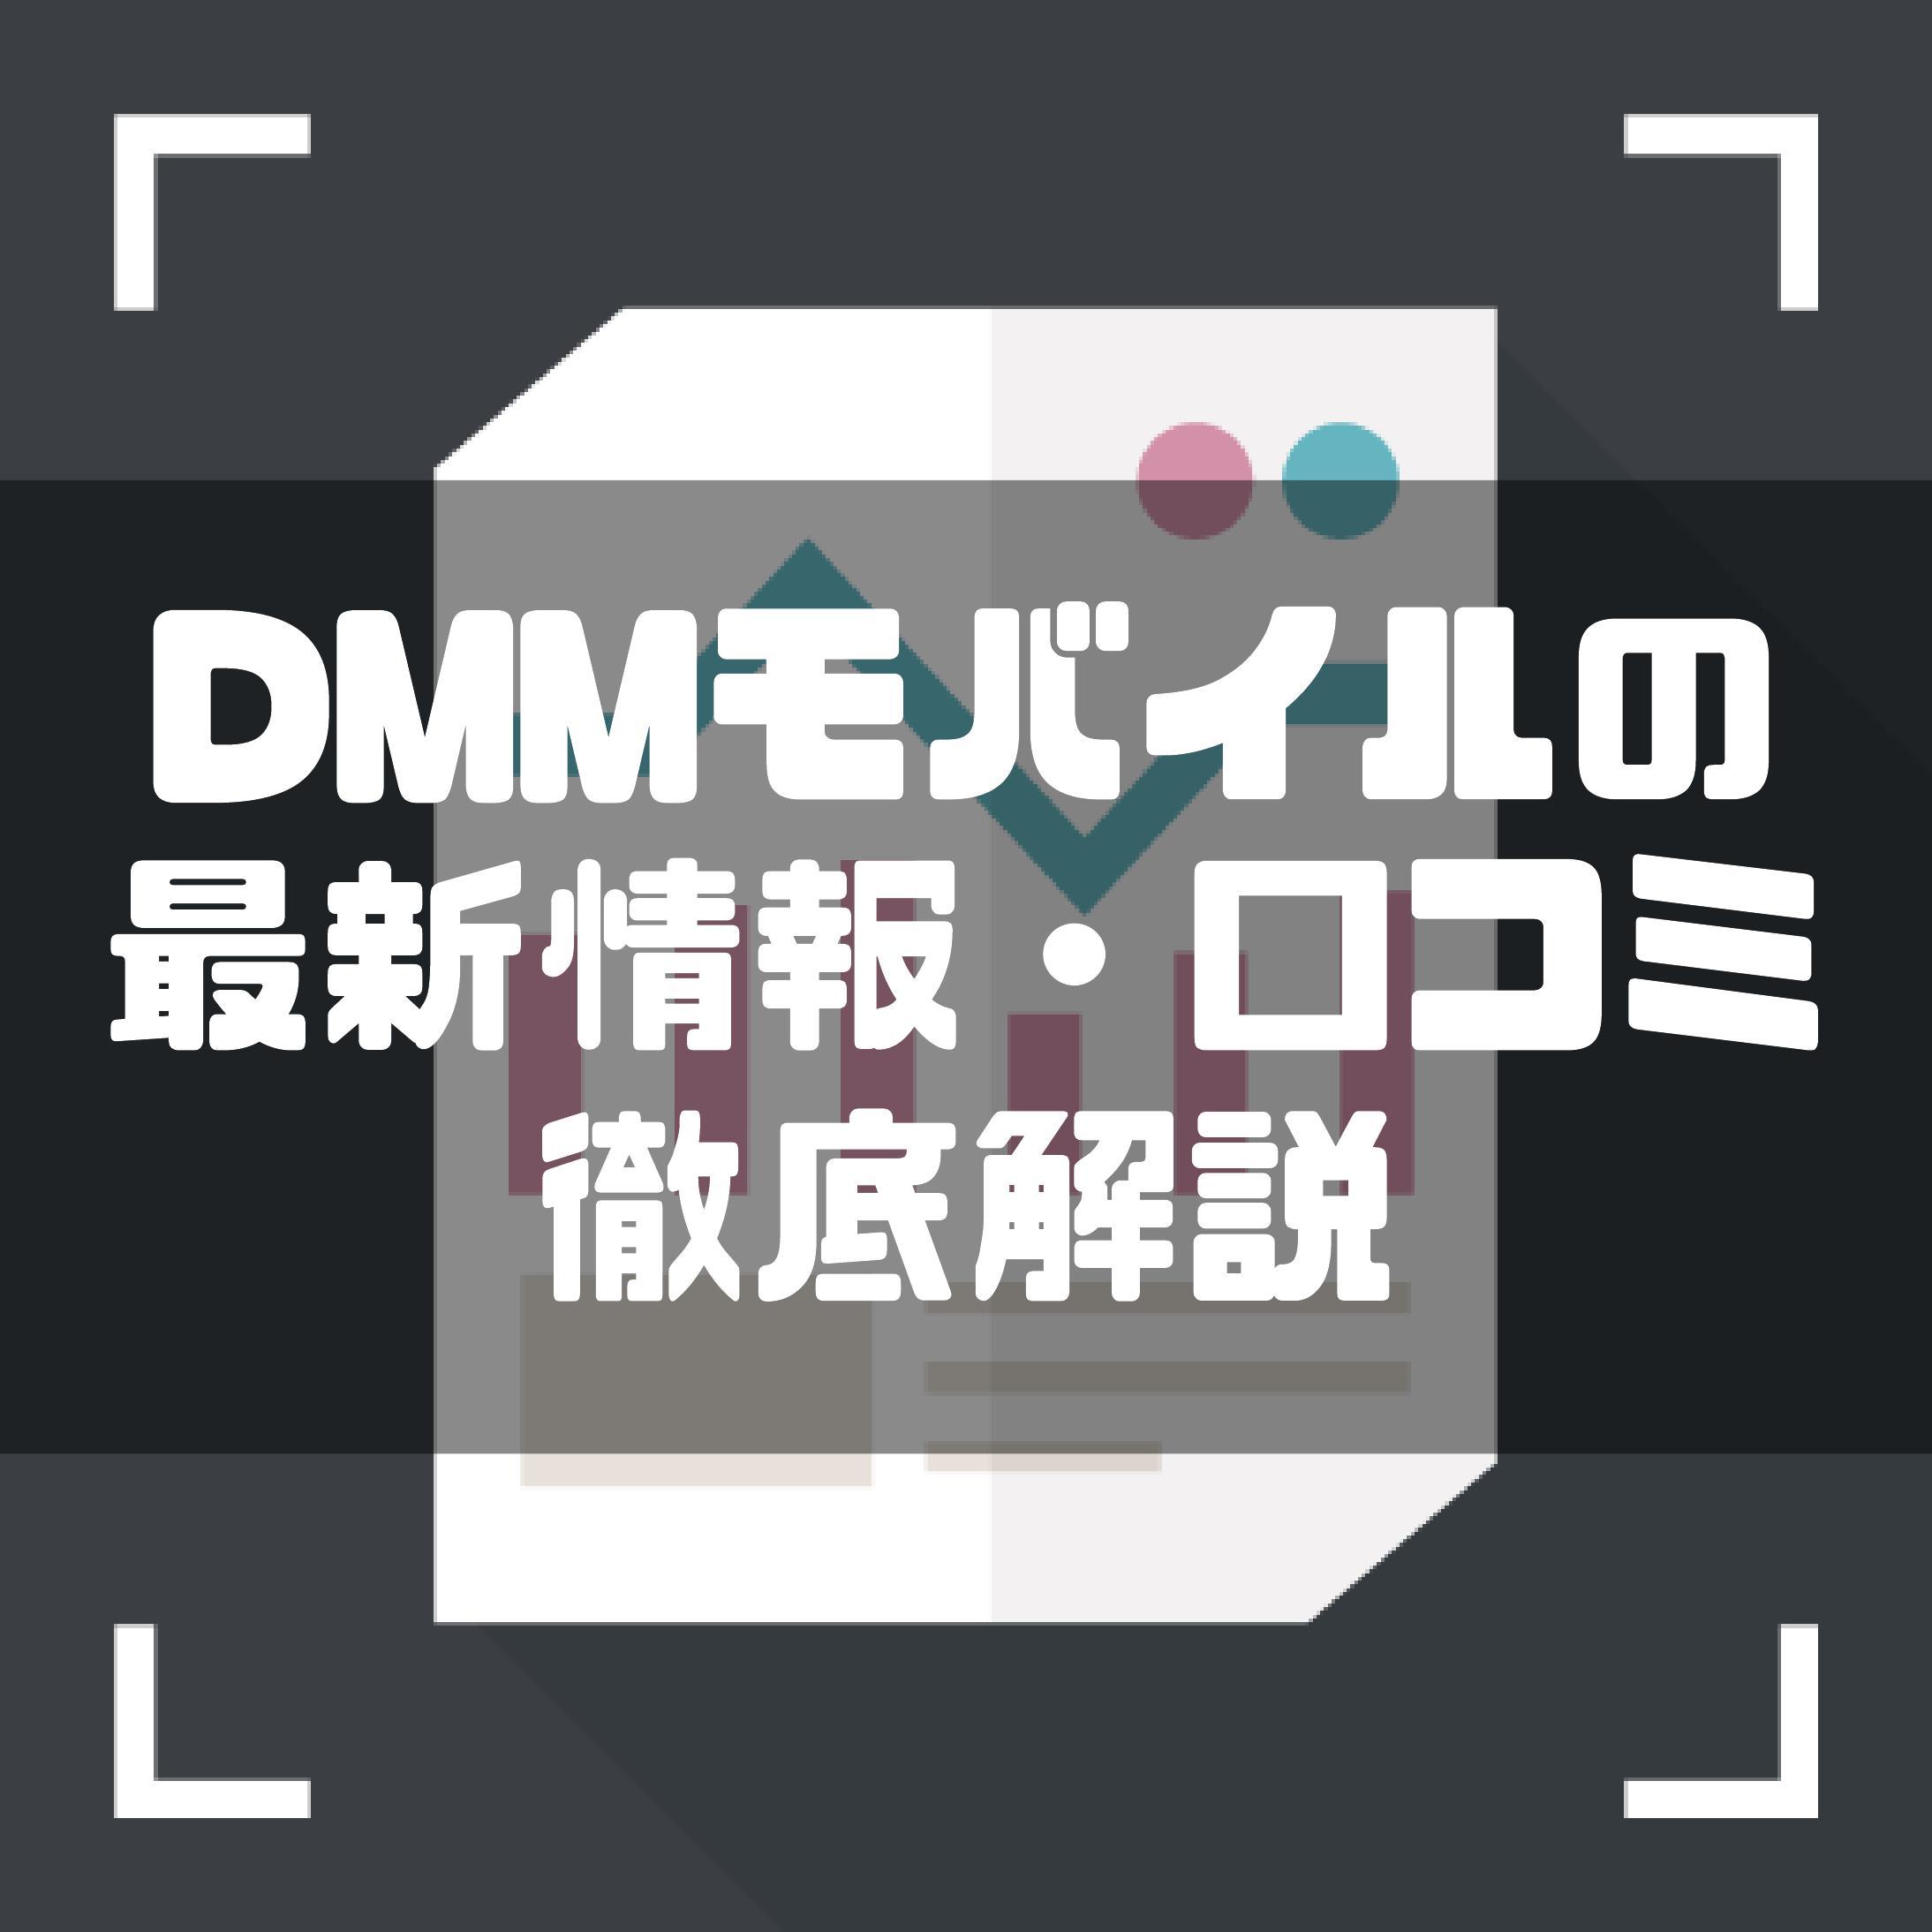 DMMモバイルの評判は悪い?ユーザーの本音で分かったメリット・デメリットを完全解説